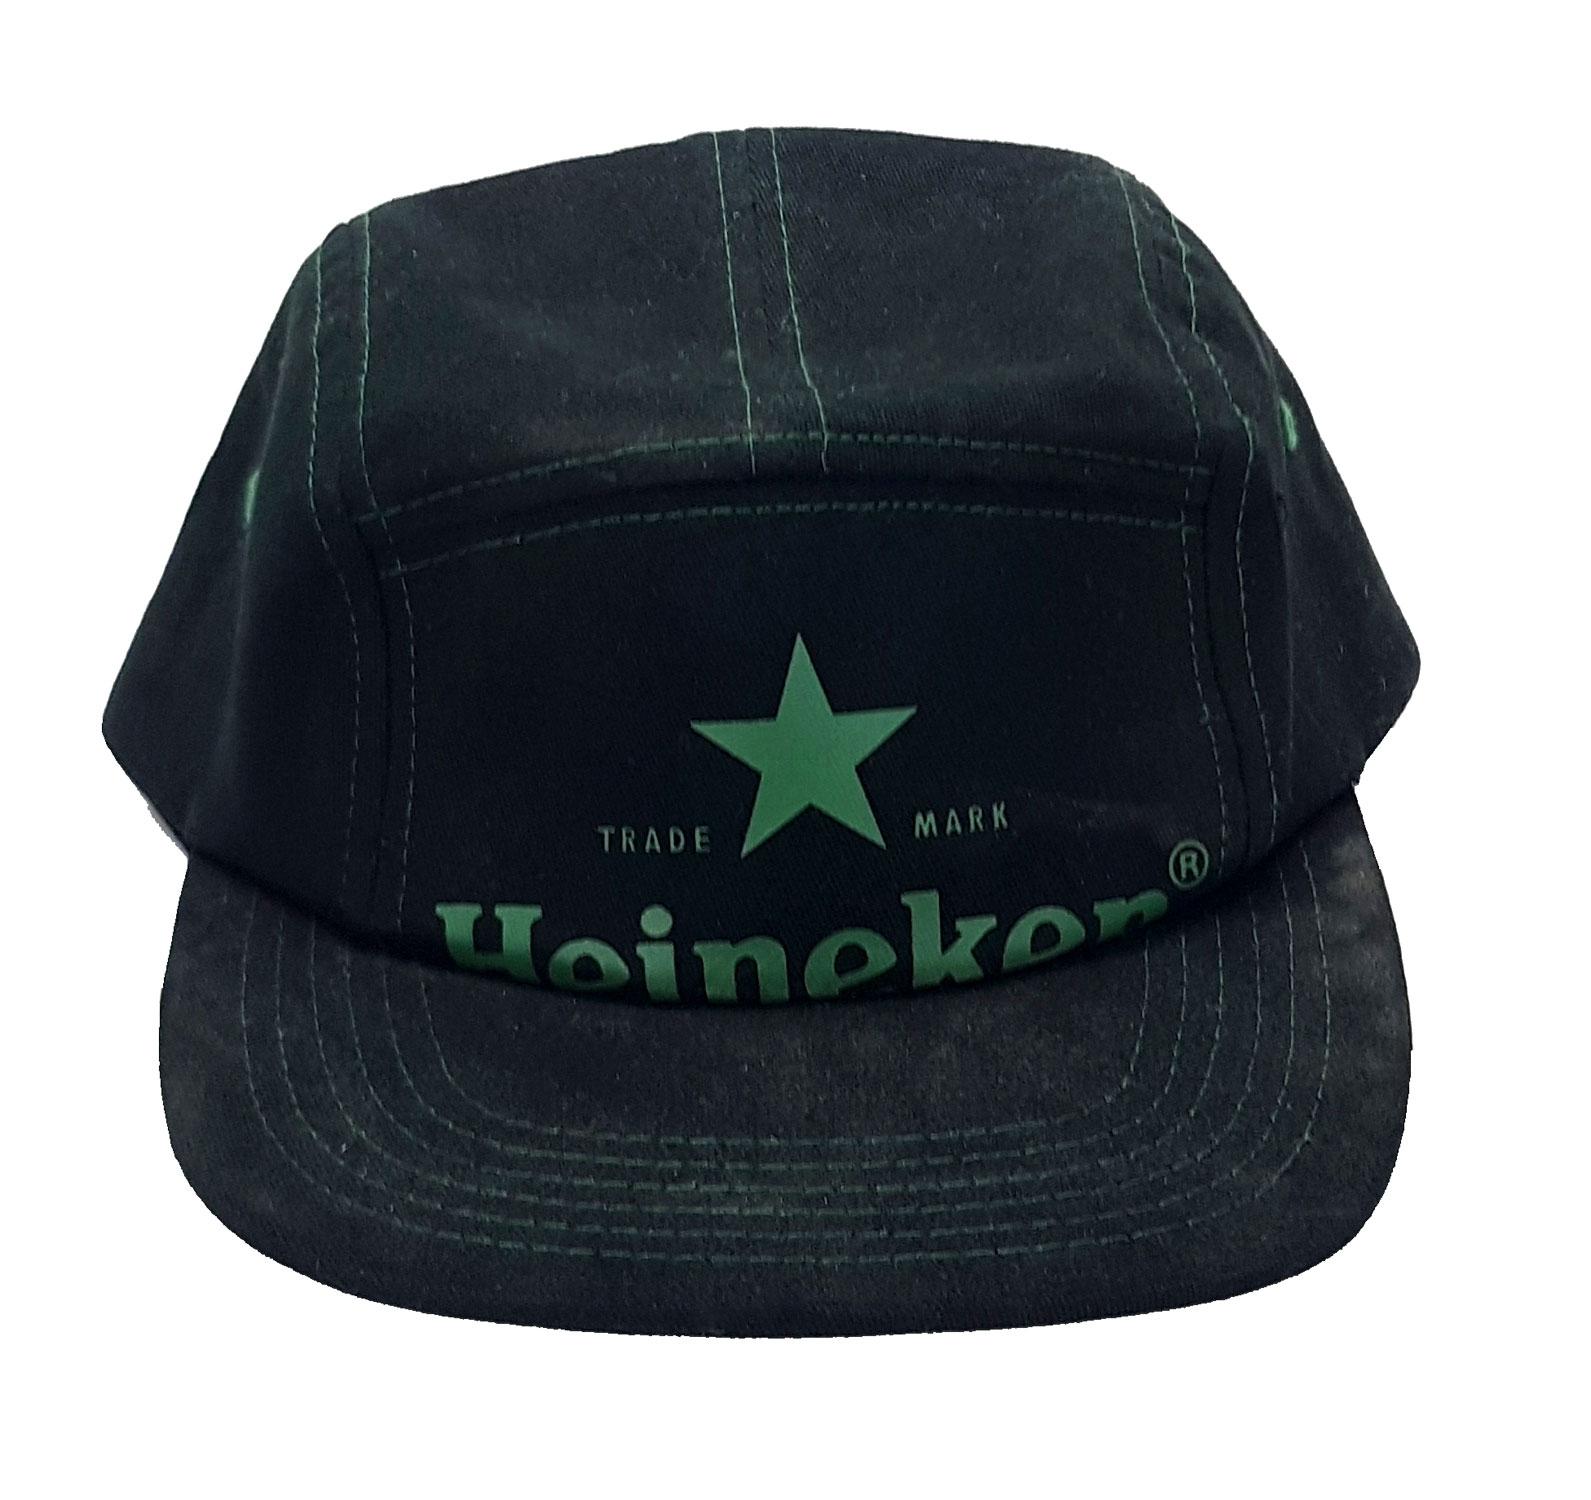 Heineken Kappe Basecap Cap Mütze schwarz grün Material : 100% Cotton